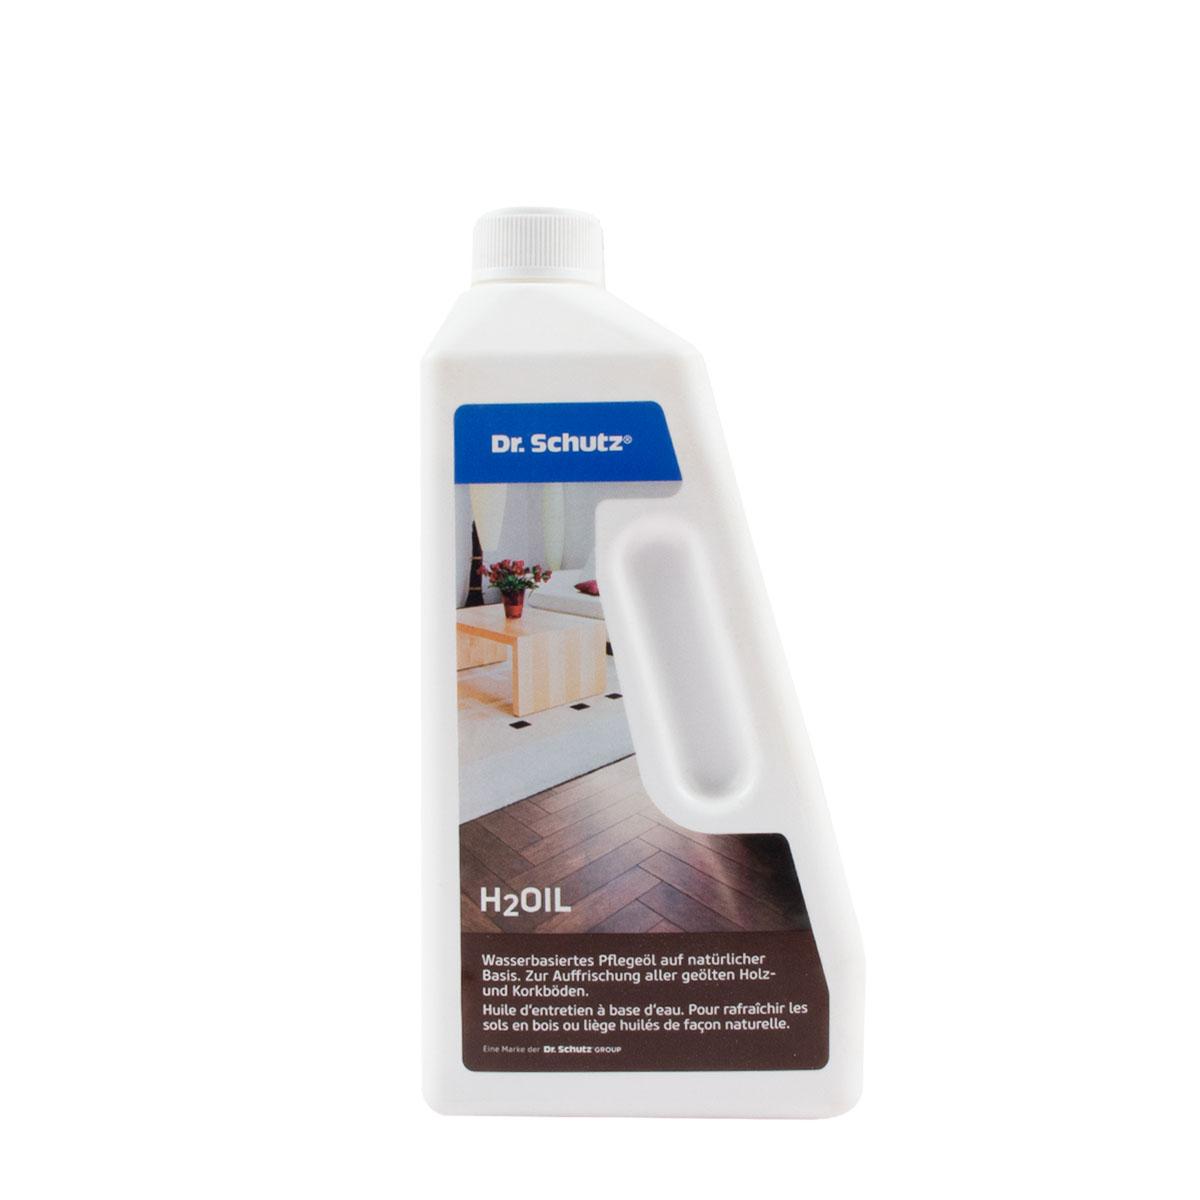 Dr. Schutz H2Oil 750ml, farblos, Wasserbassiertes Pflegeöl